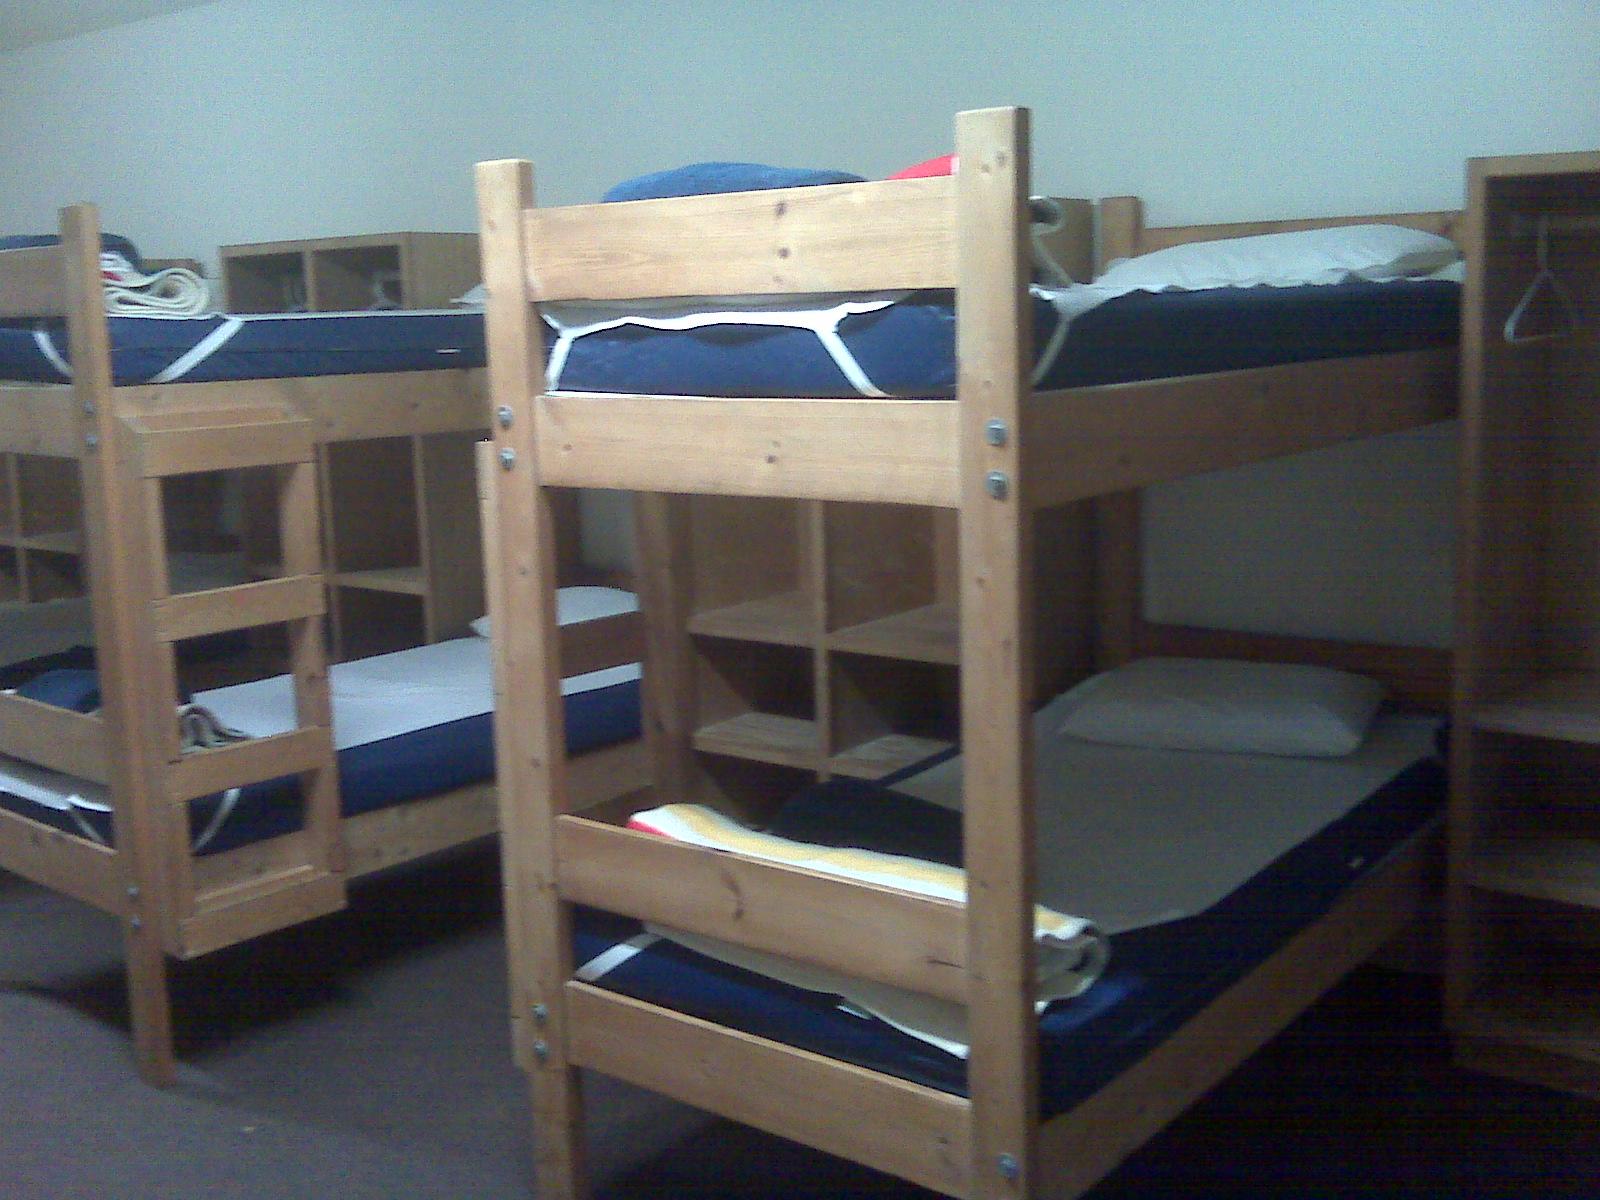 Popular Slept on bottom bunk